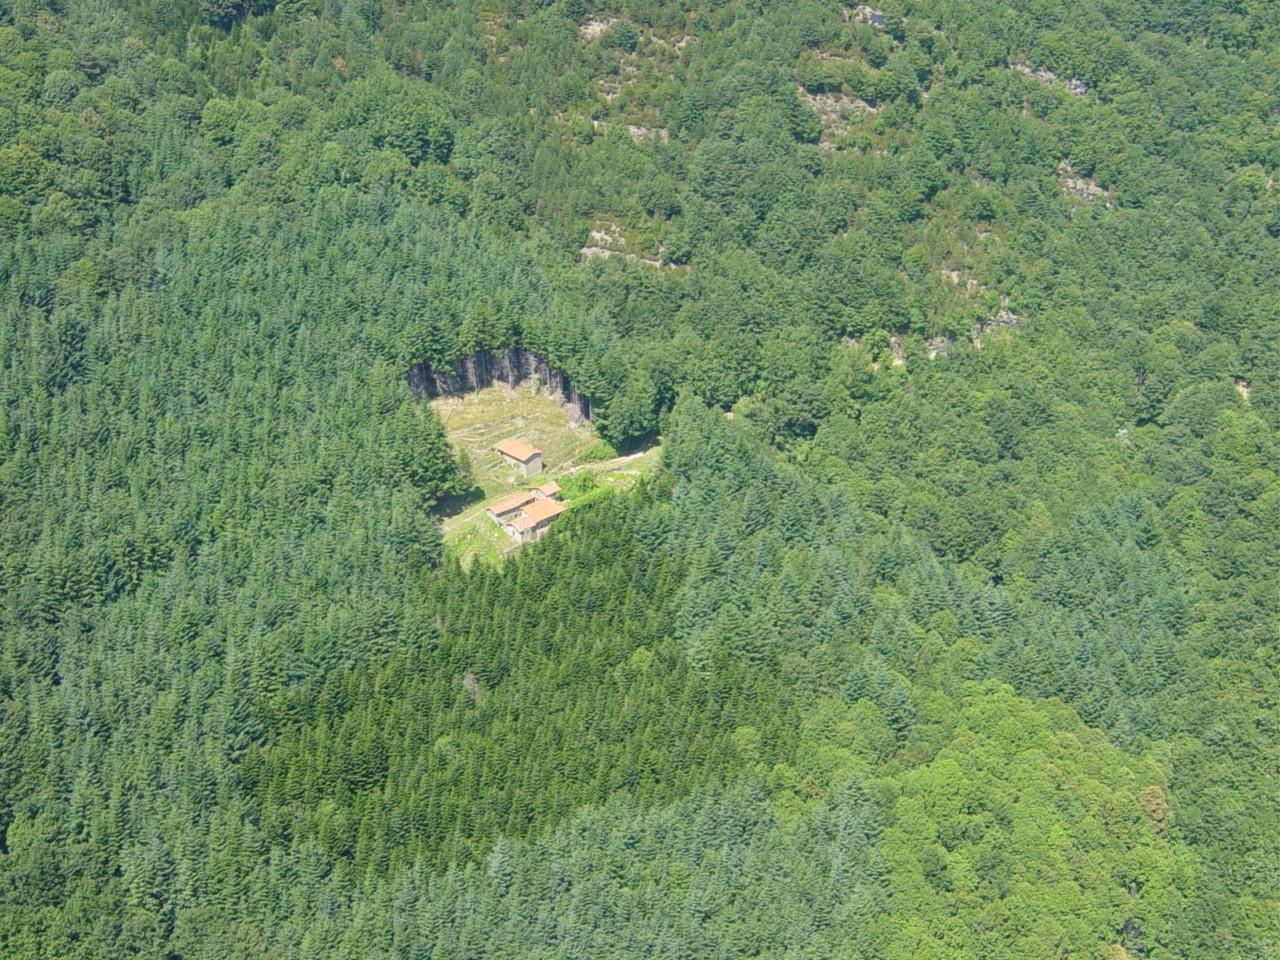 Veduta dall'alto dell'insediamento rurale Case Sant'Antonio (di Reggello Natura)